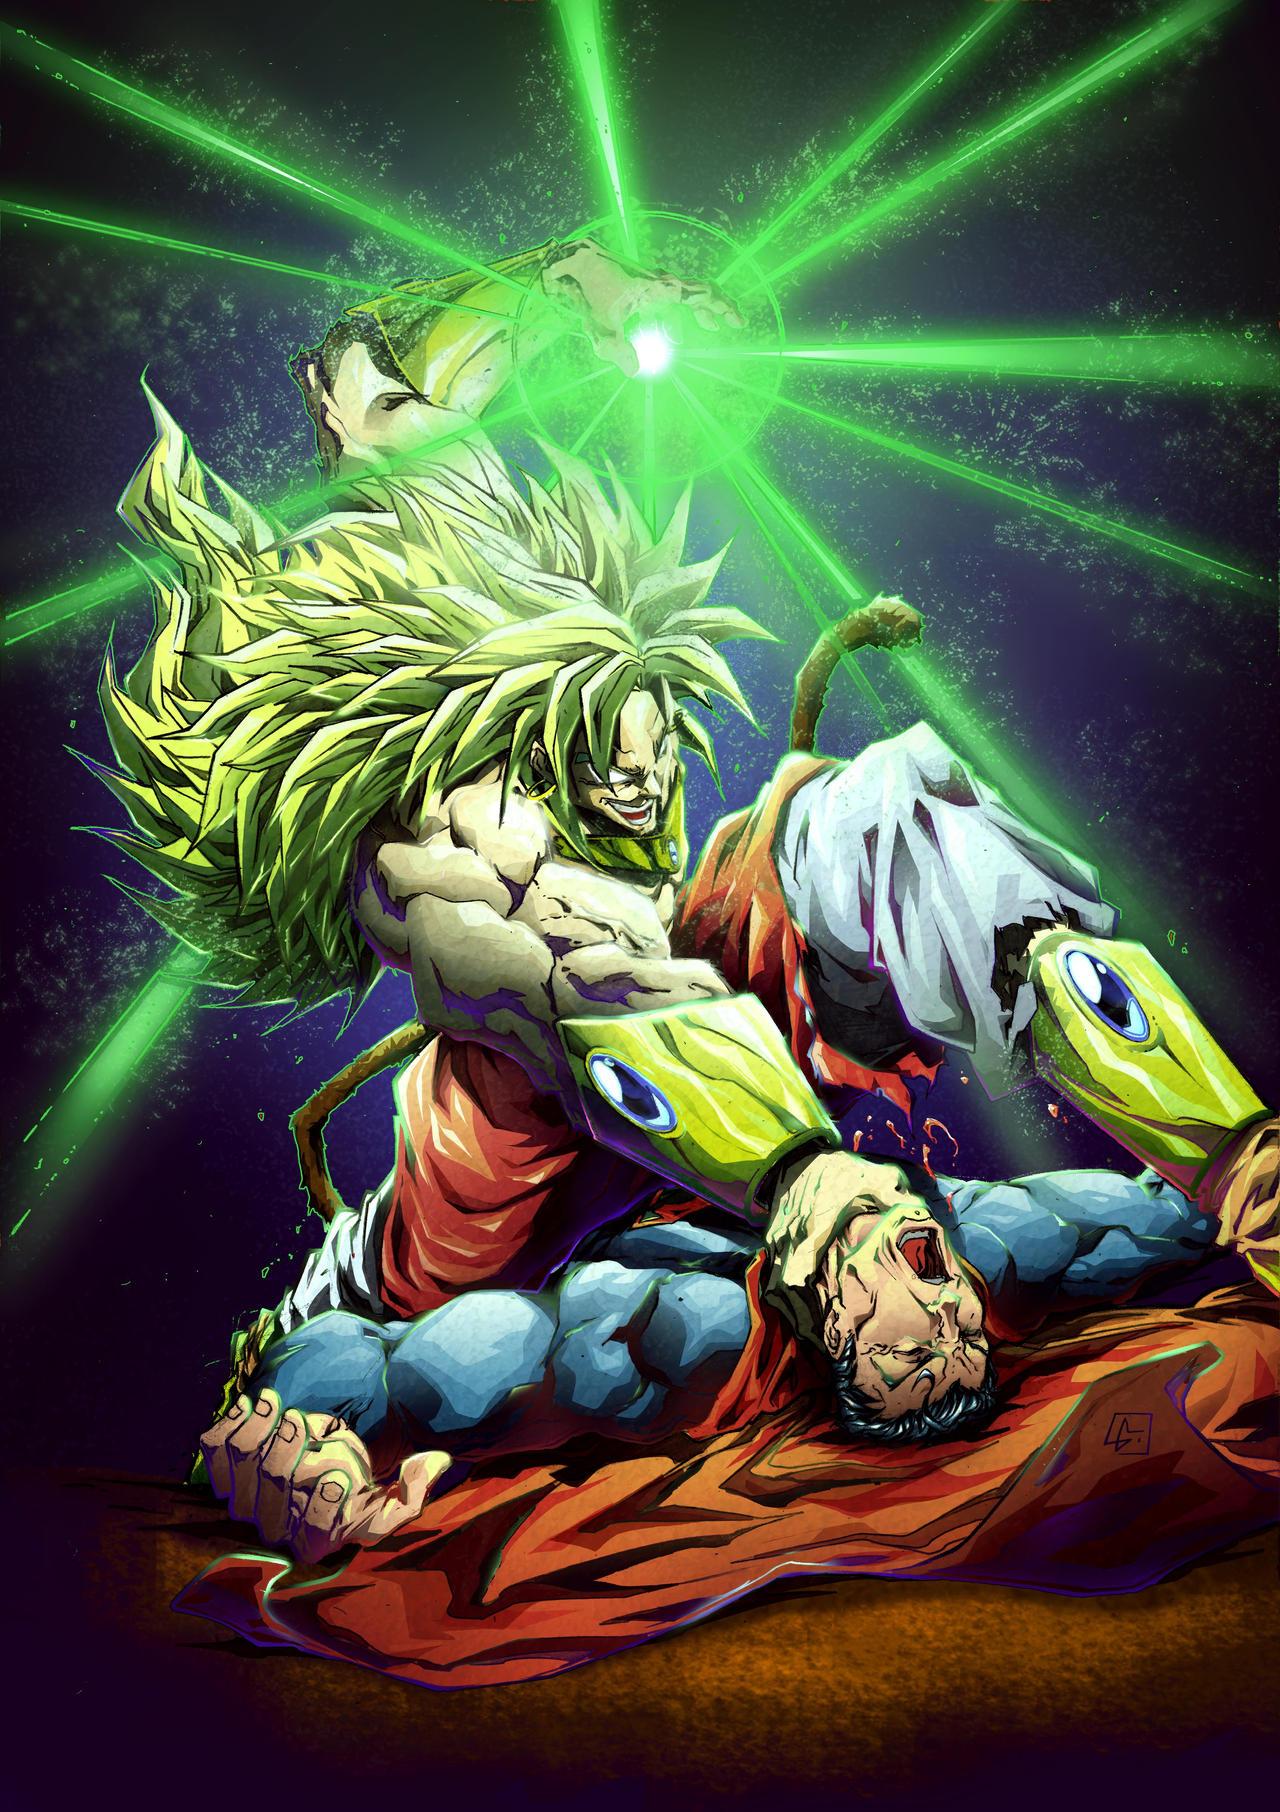 goku ssj3 vs superman - photo #12